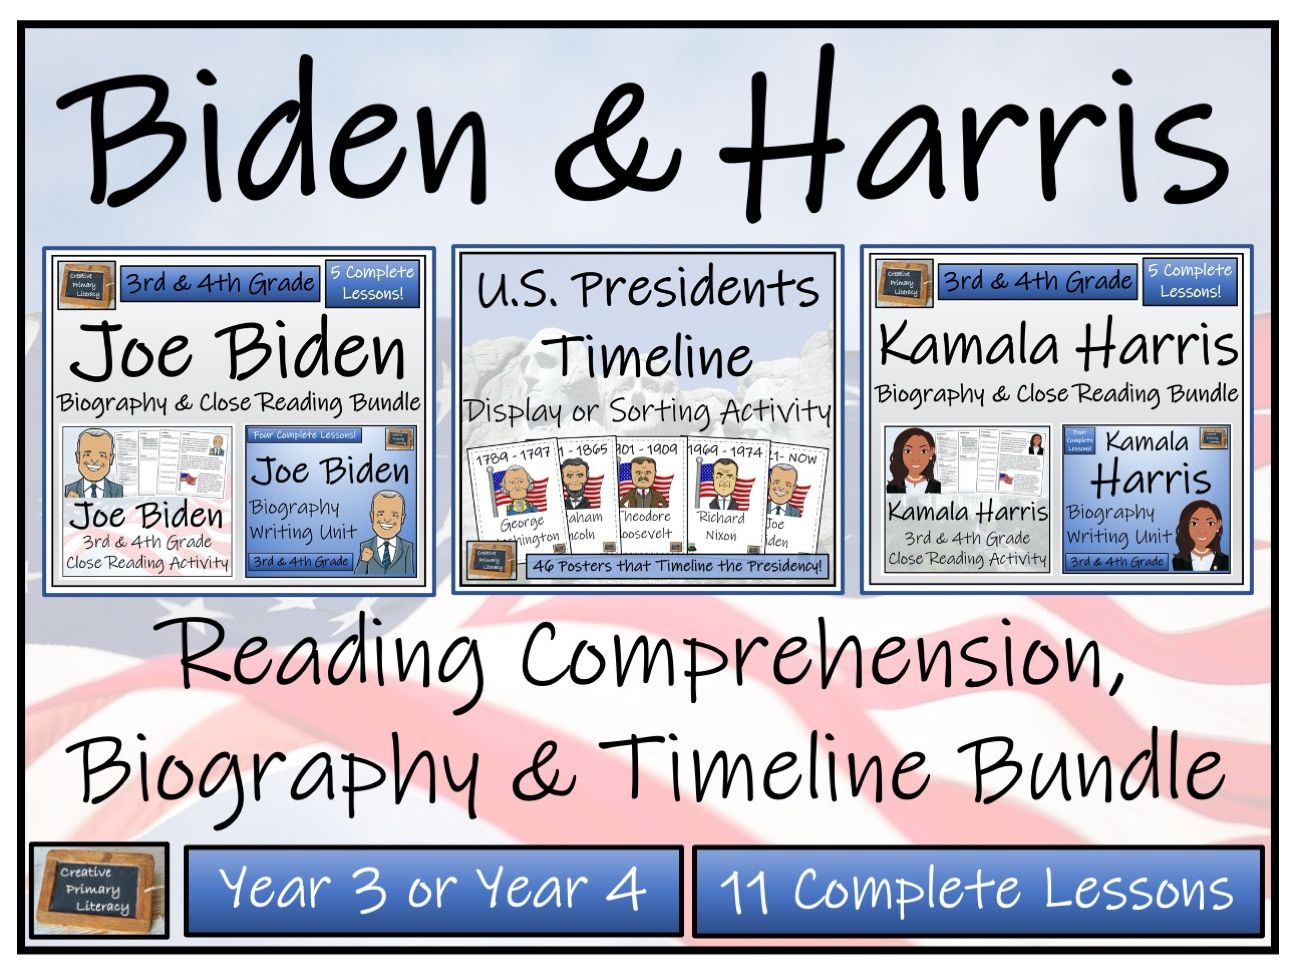 LKS2 Biden & Harris - Reading Comprehension, Biography & Timeline Bundle